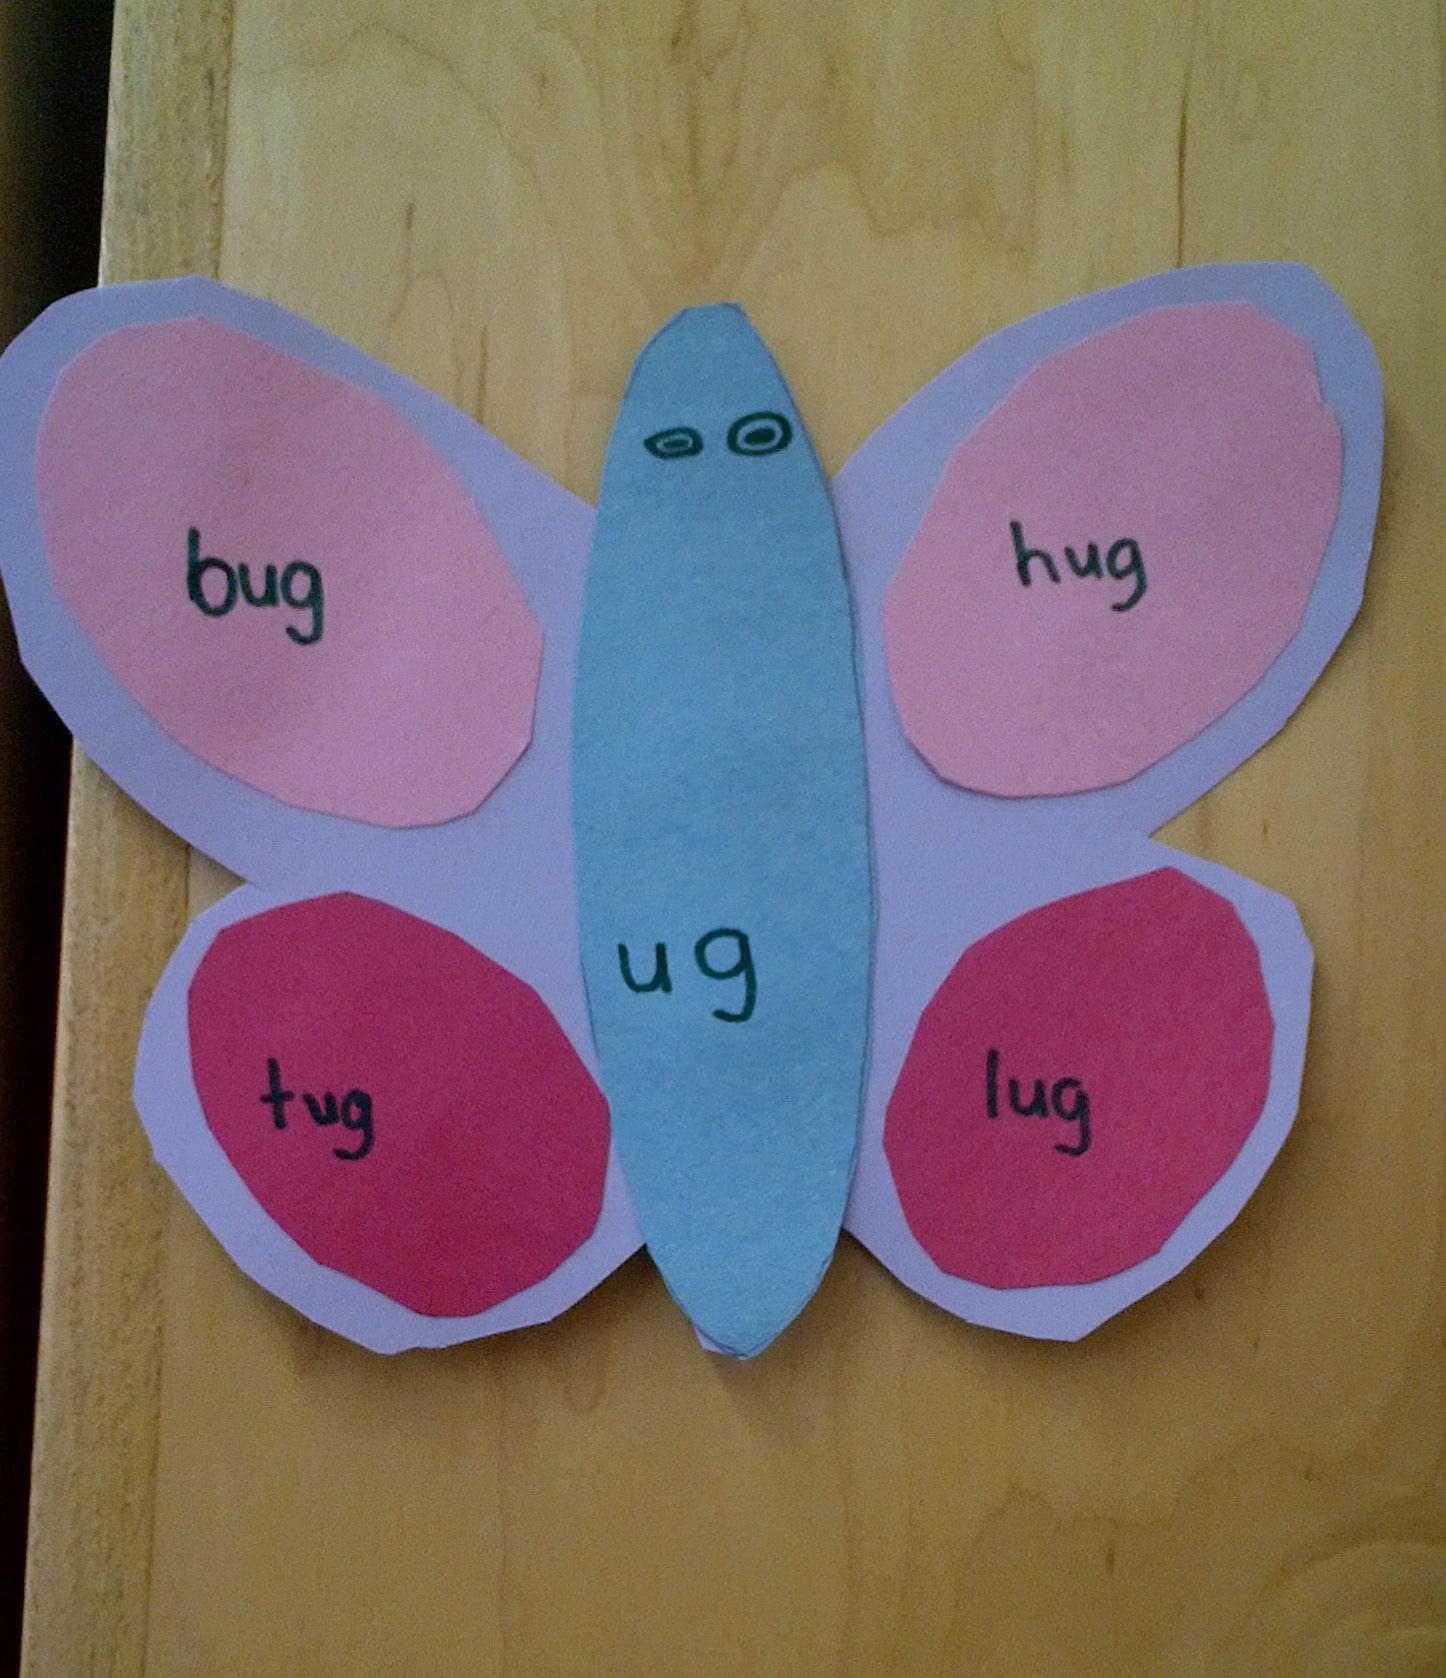 Ug Bugs